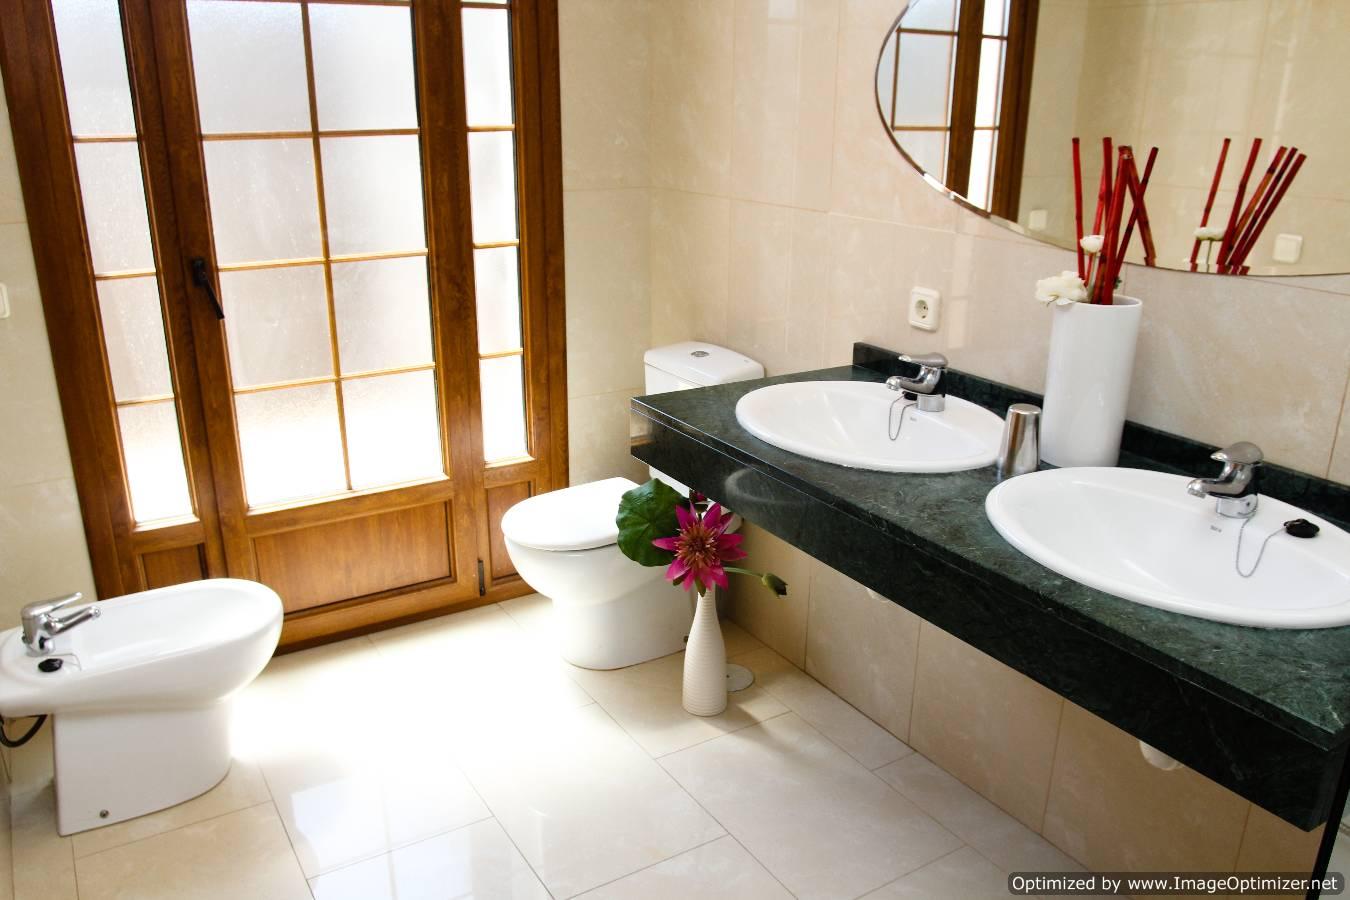 LVC261708 Bathroom